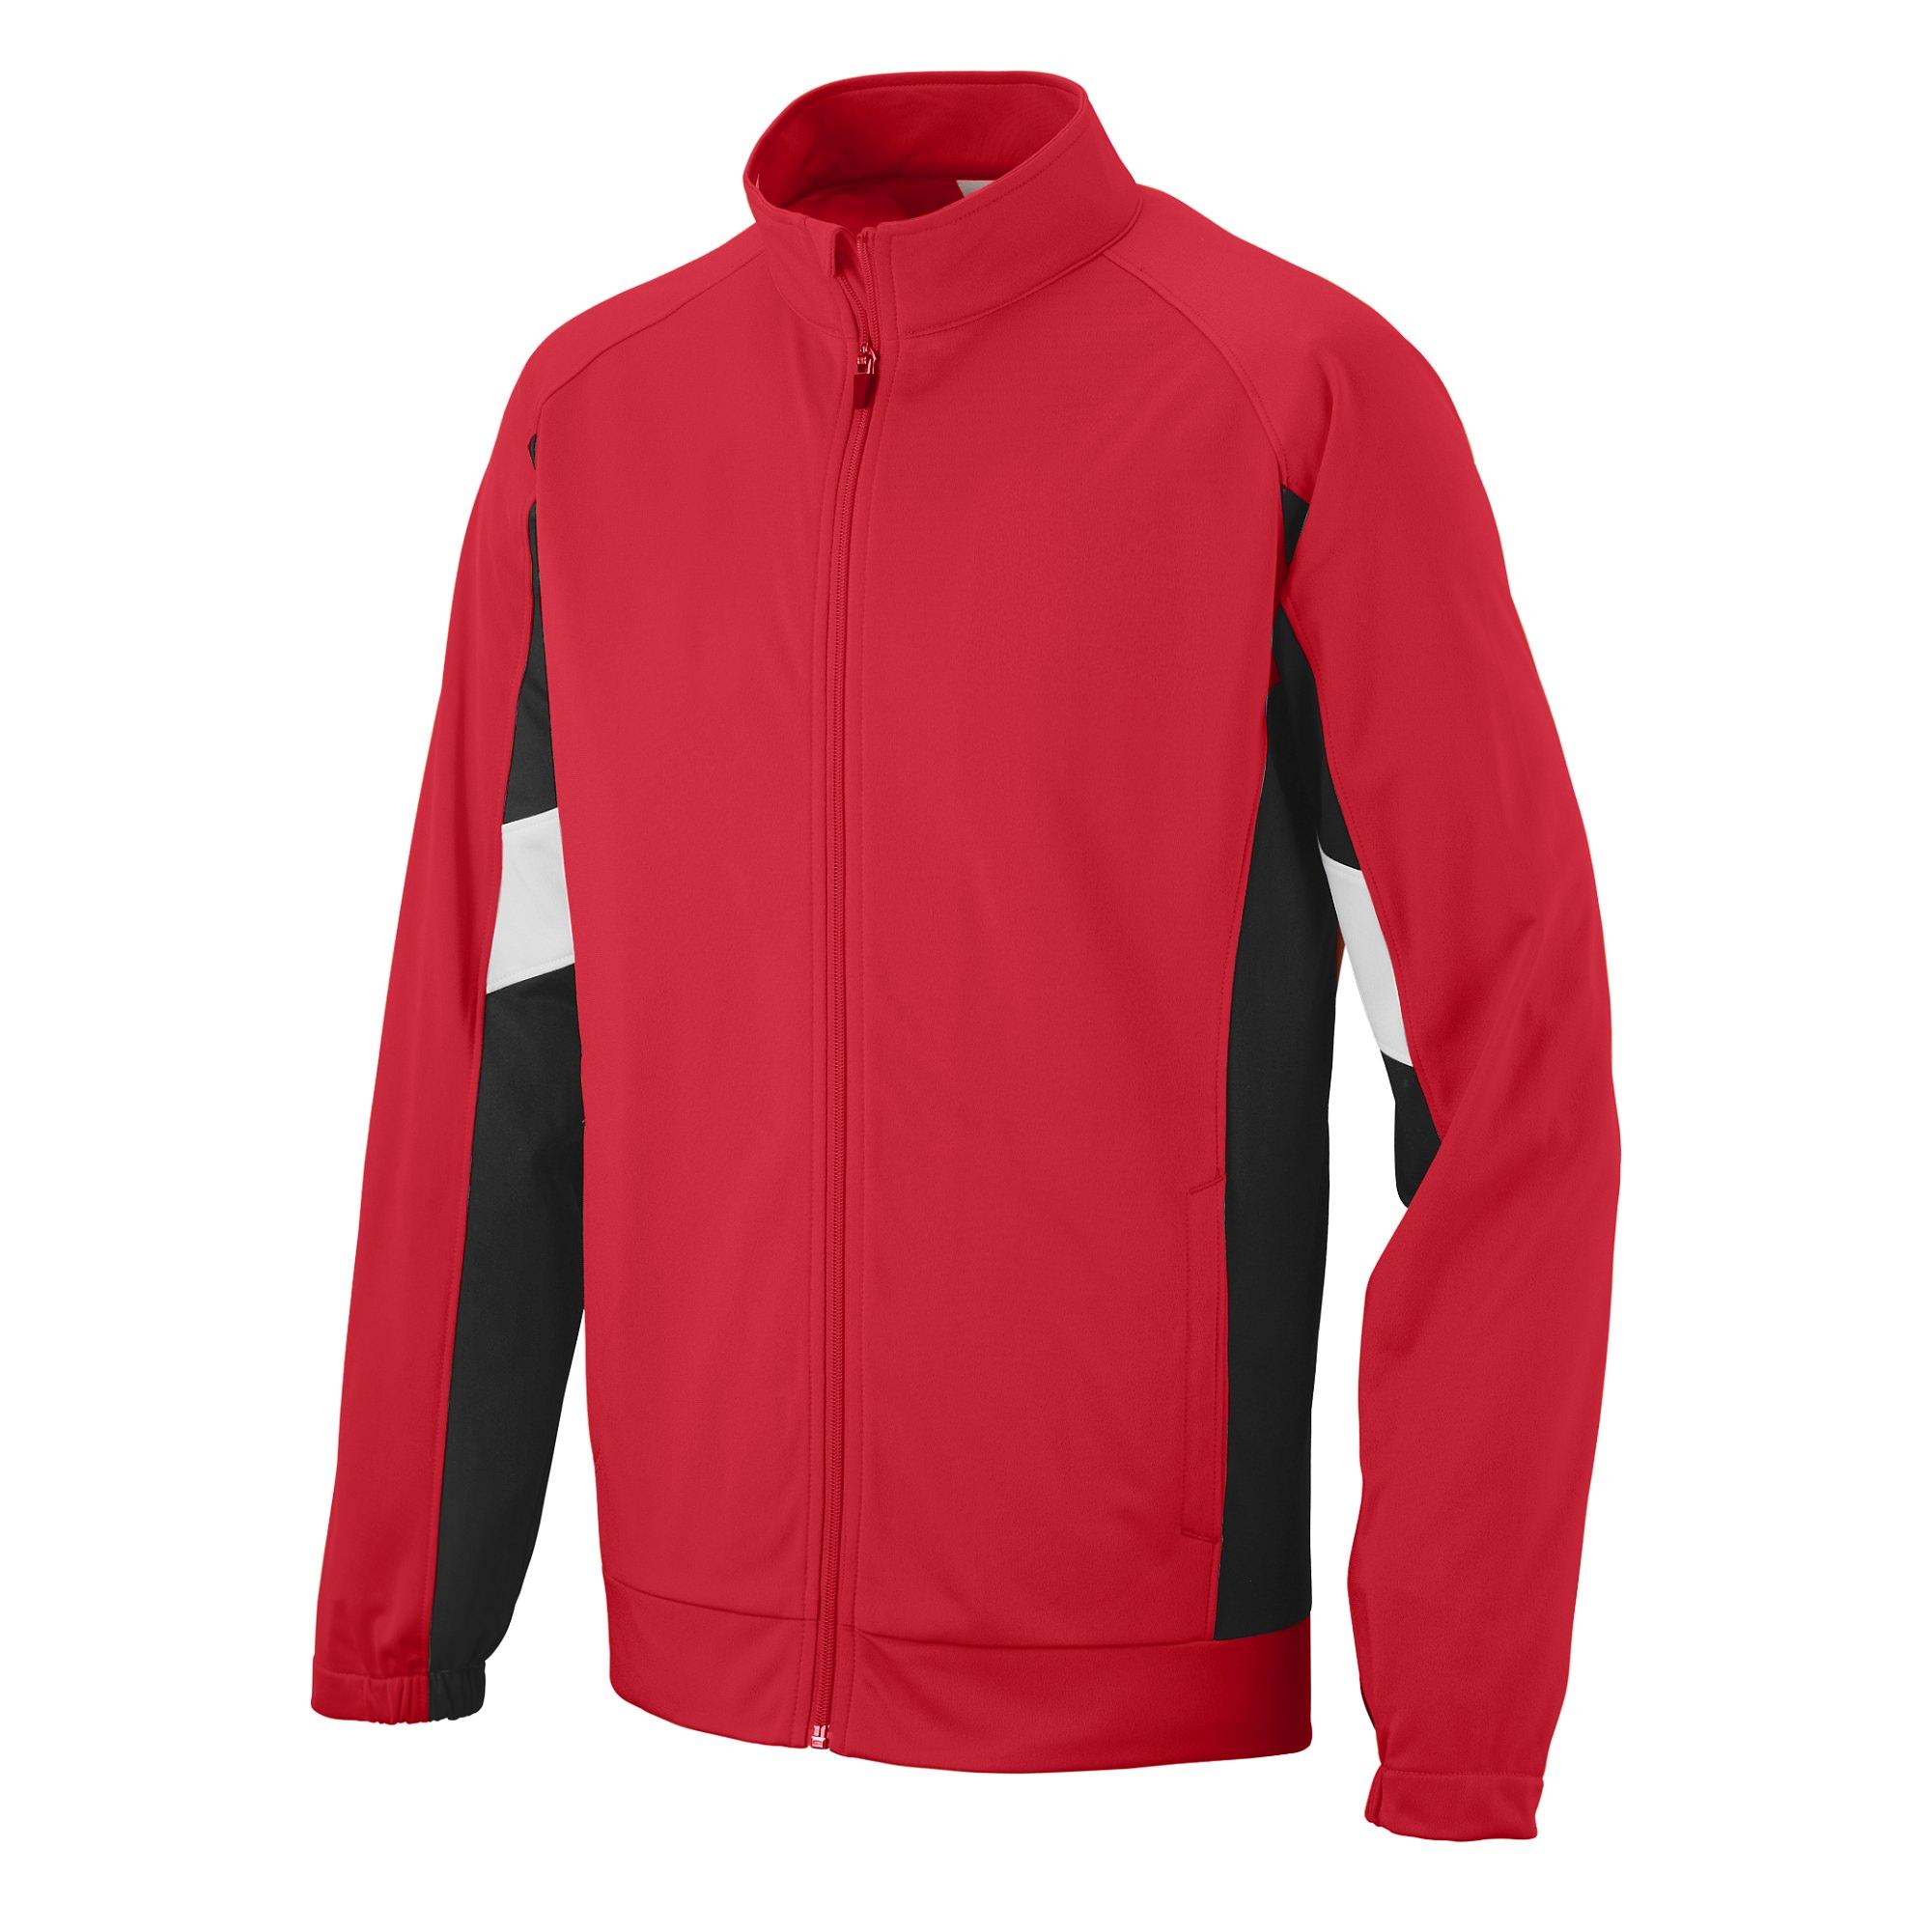 Style 7722 Jacket